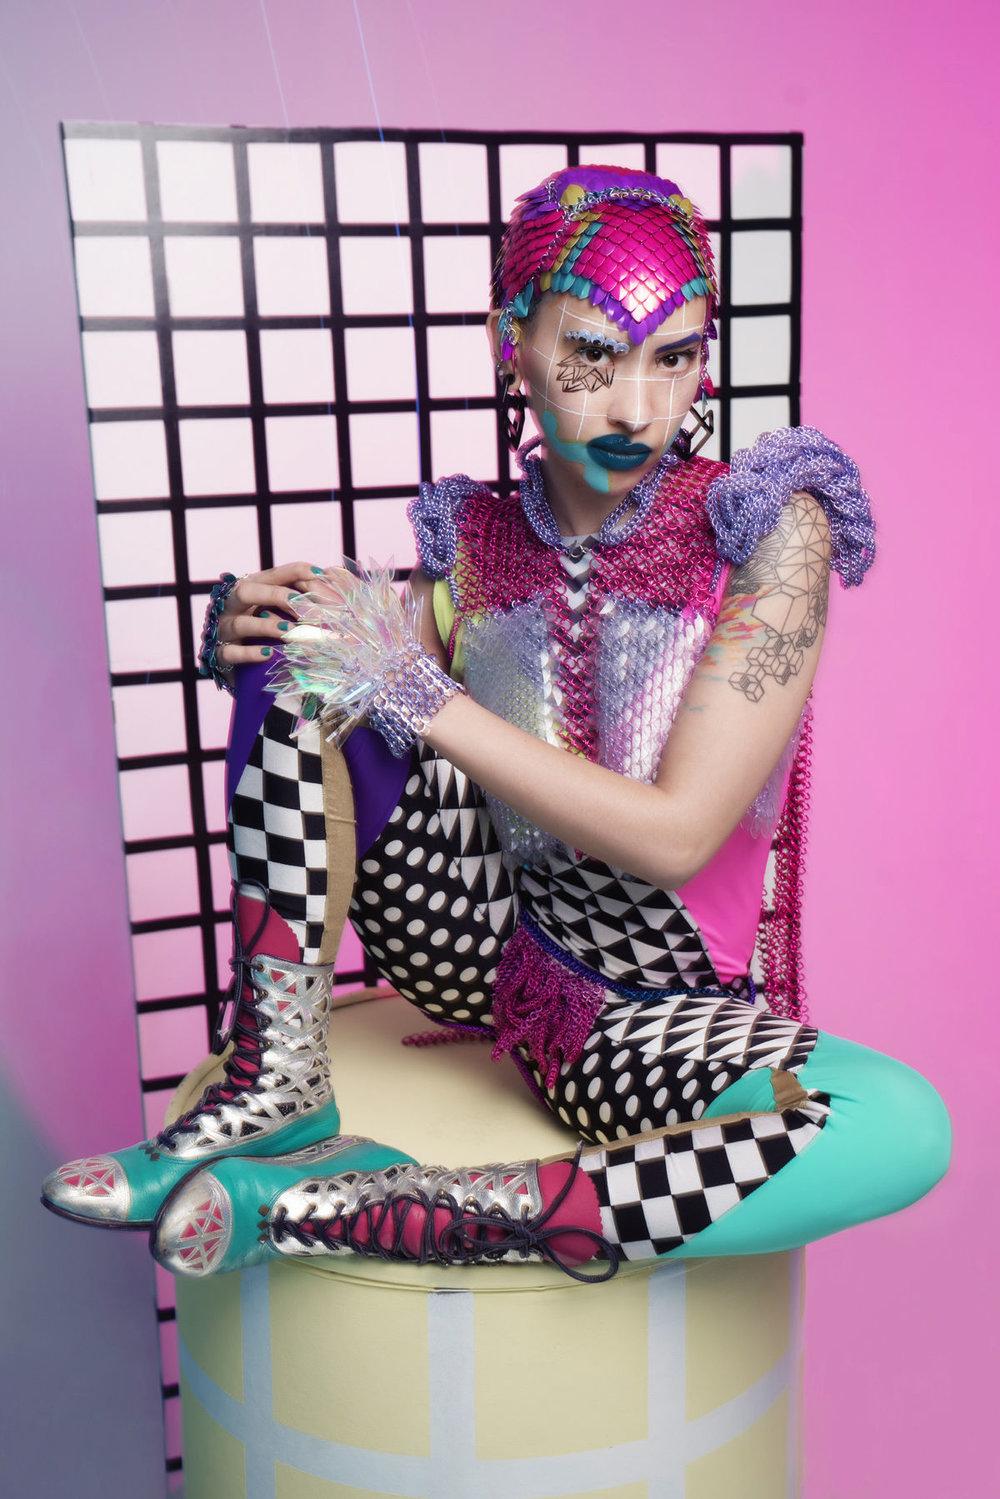 Sky Cubacub - Revolutionary Fashion Designer